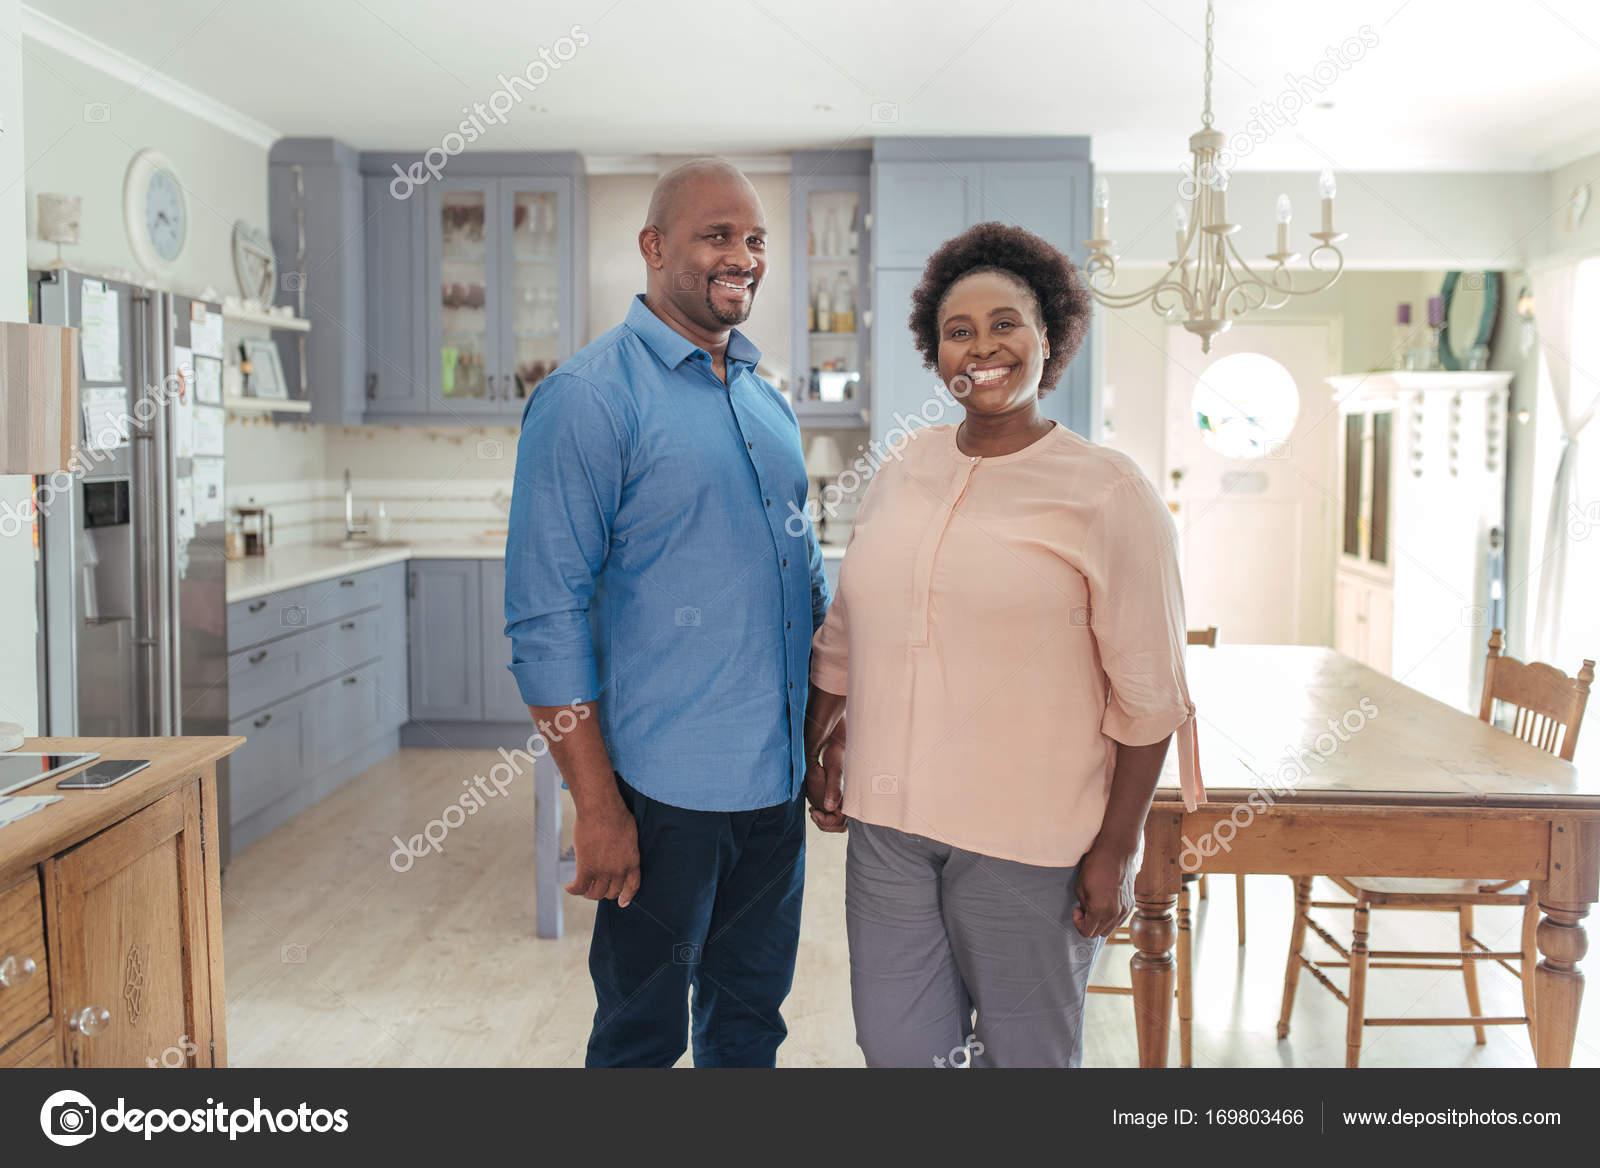 pareja de pie en la cocina — Fotos de Stock © mavoimages #169803466